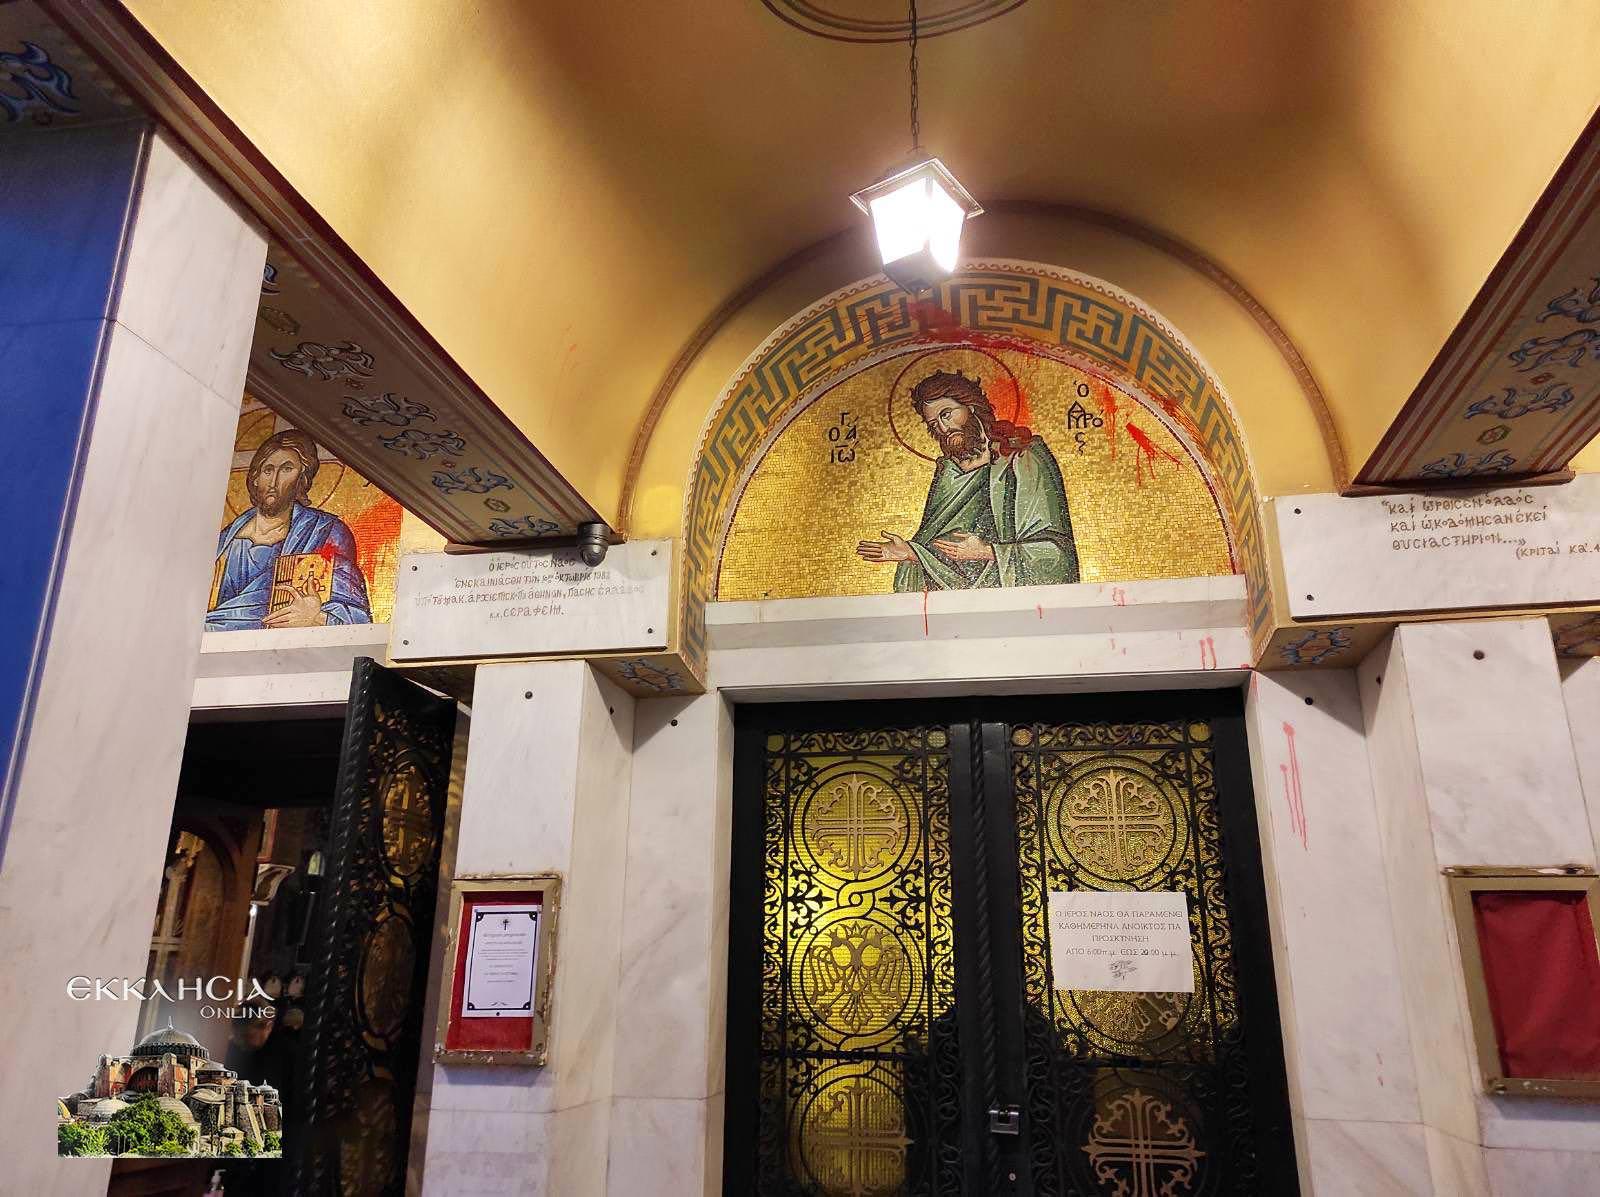 Εκκλησία Άγιος Ελευθέριος βανδαλισμός